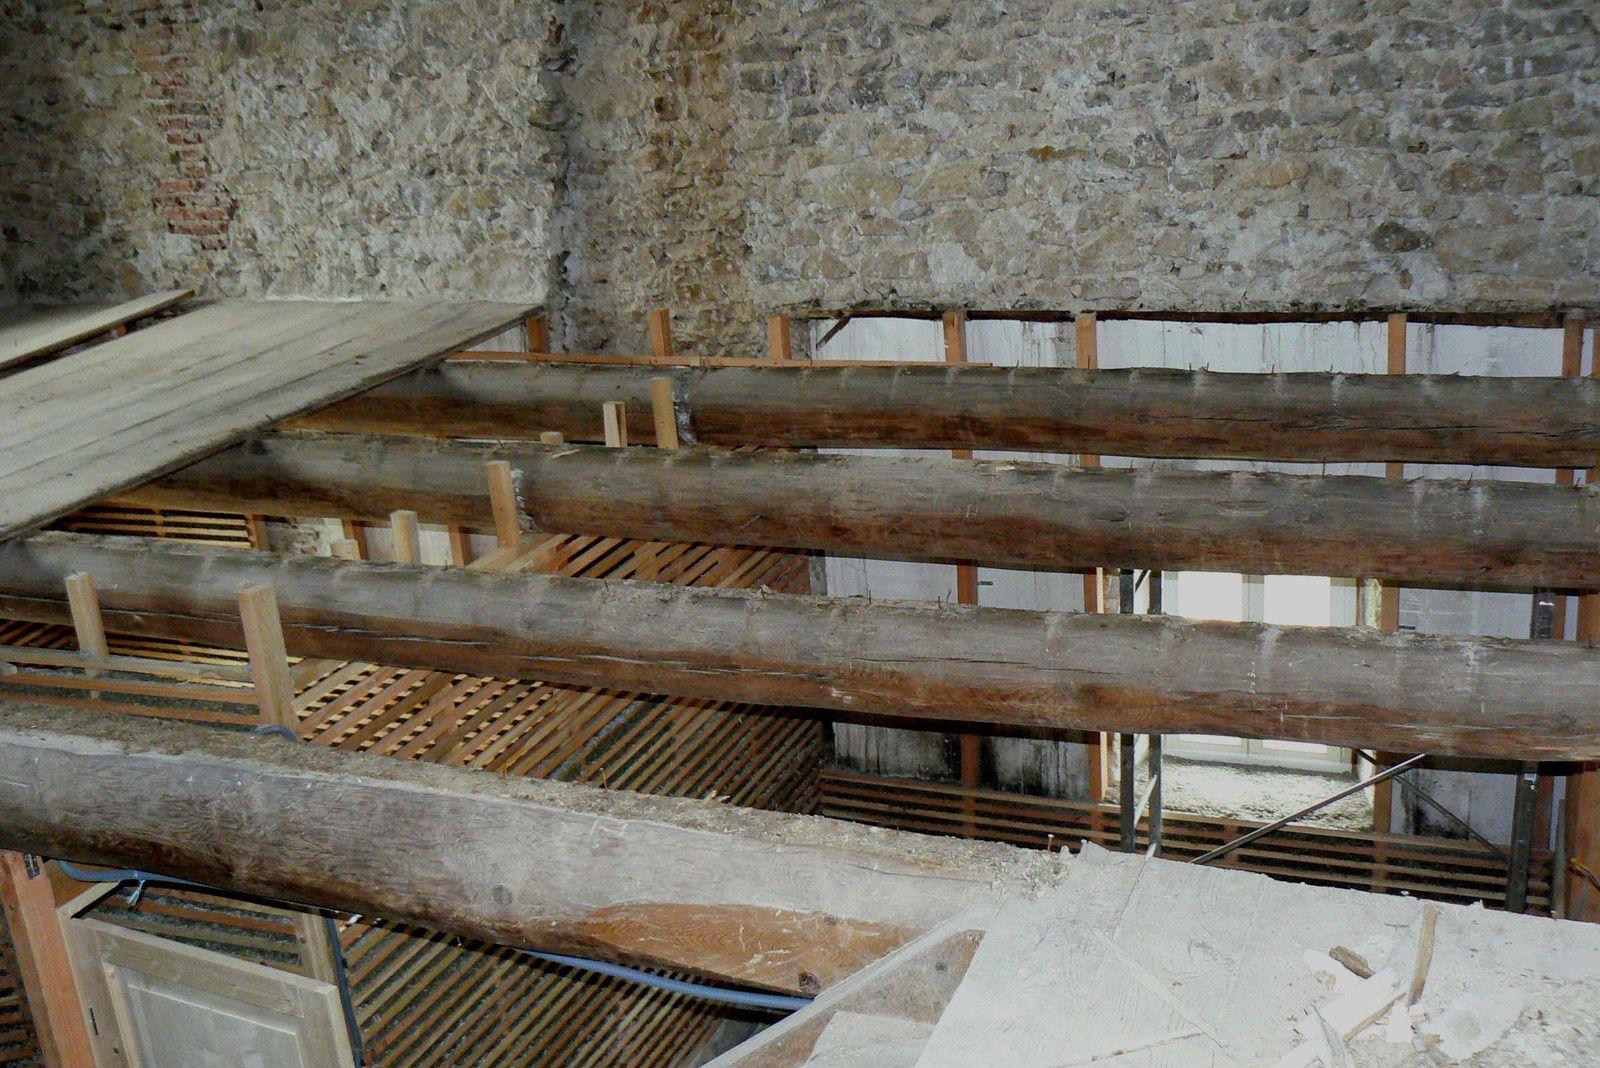 Nettoyage des poutres du deuxième étage